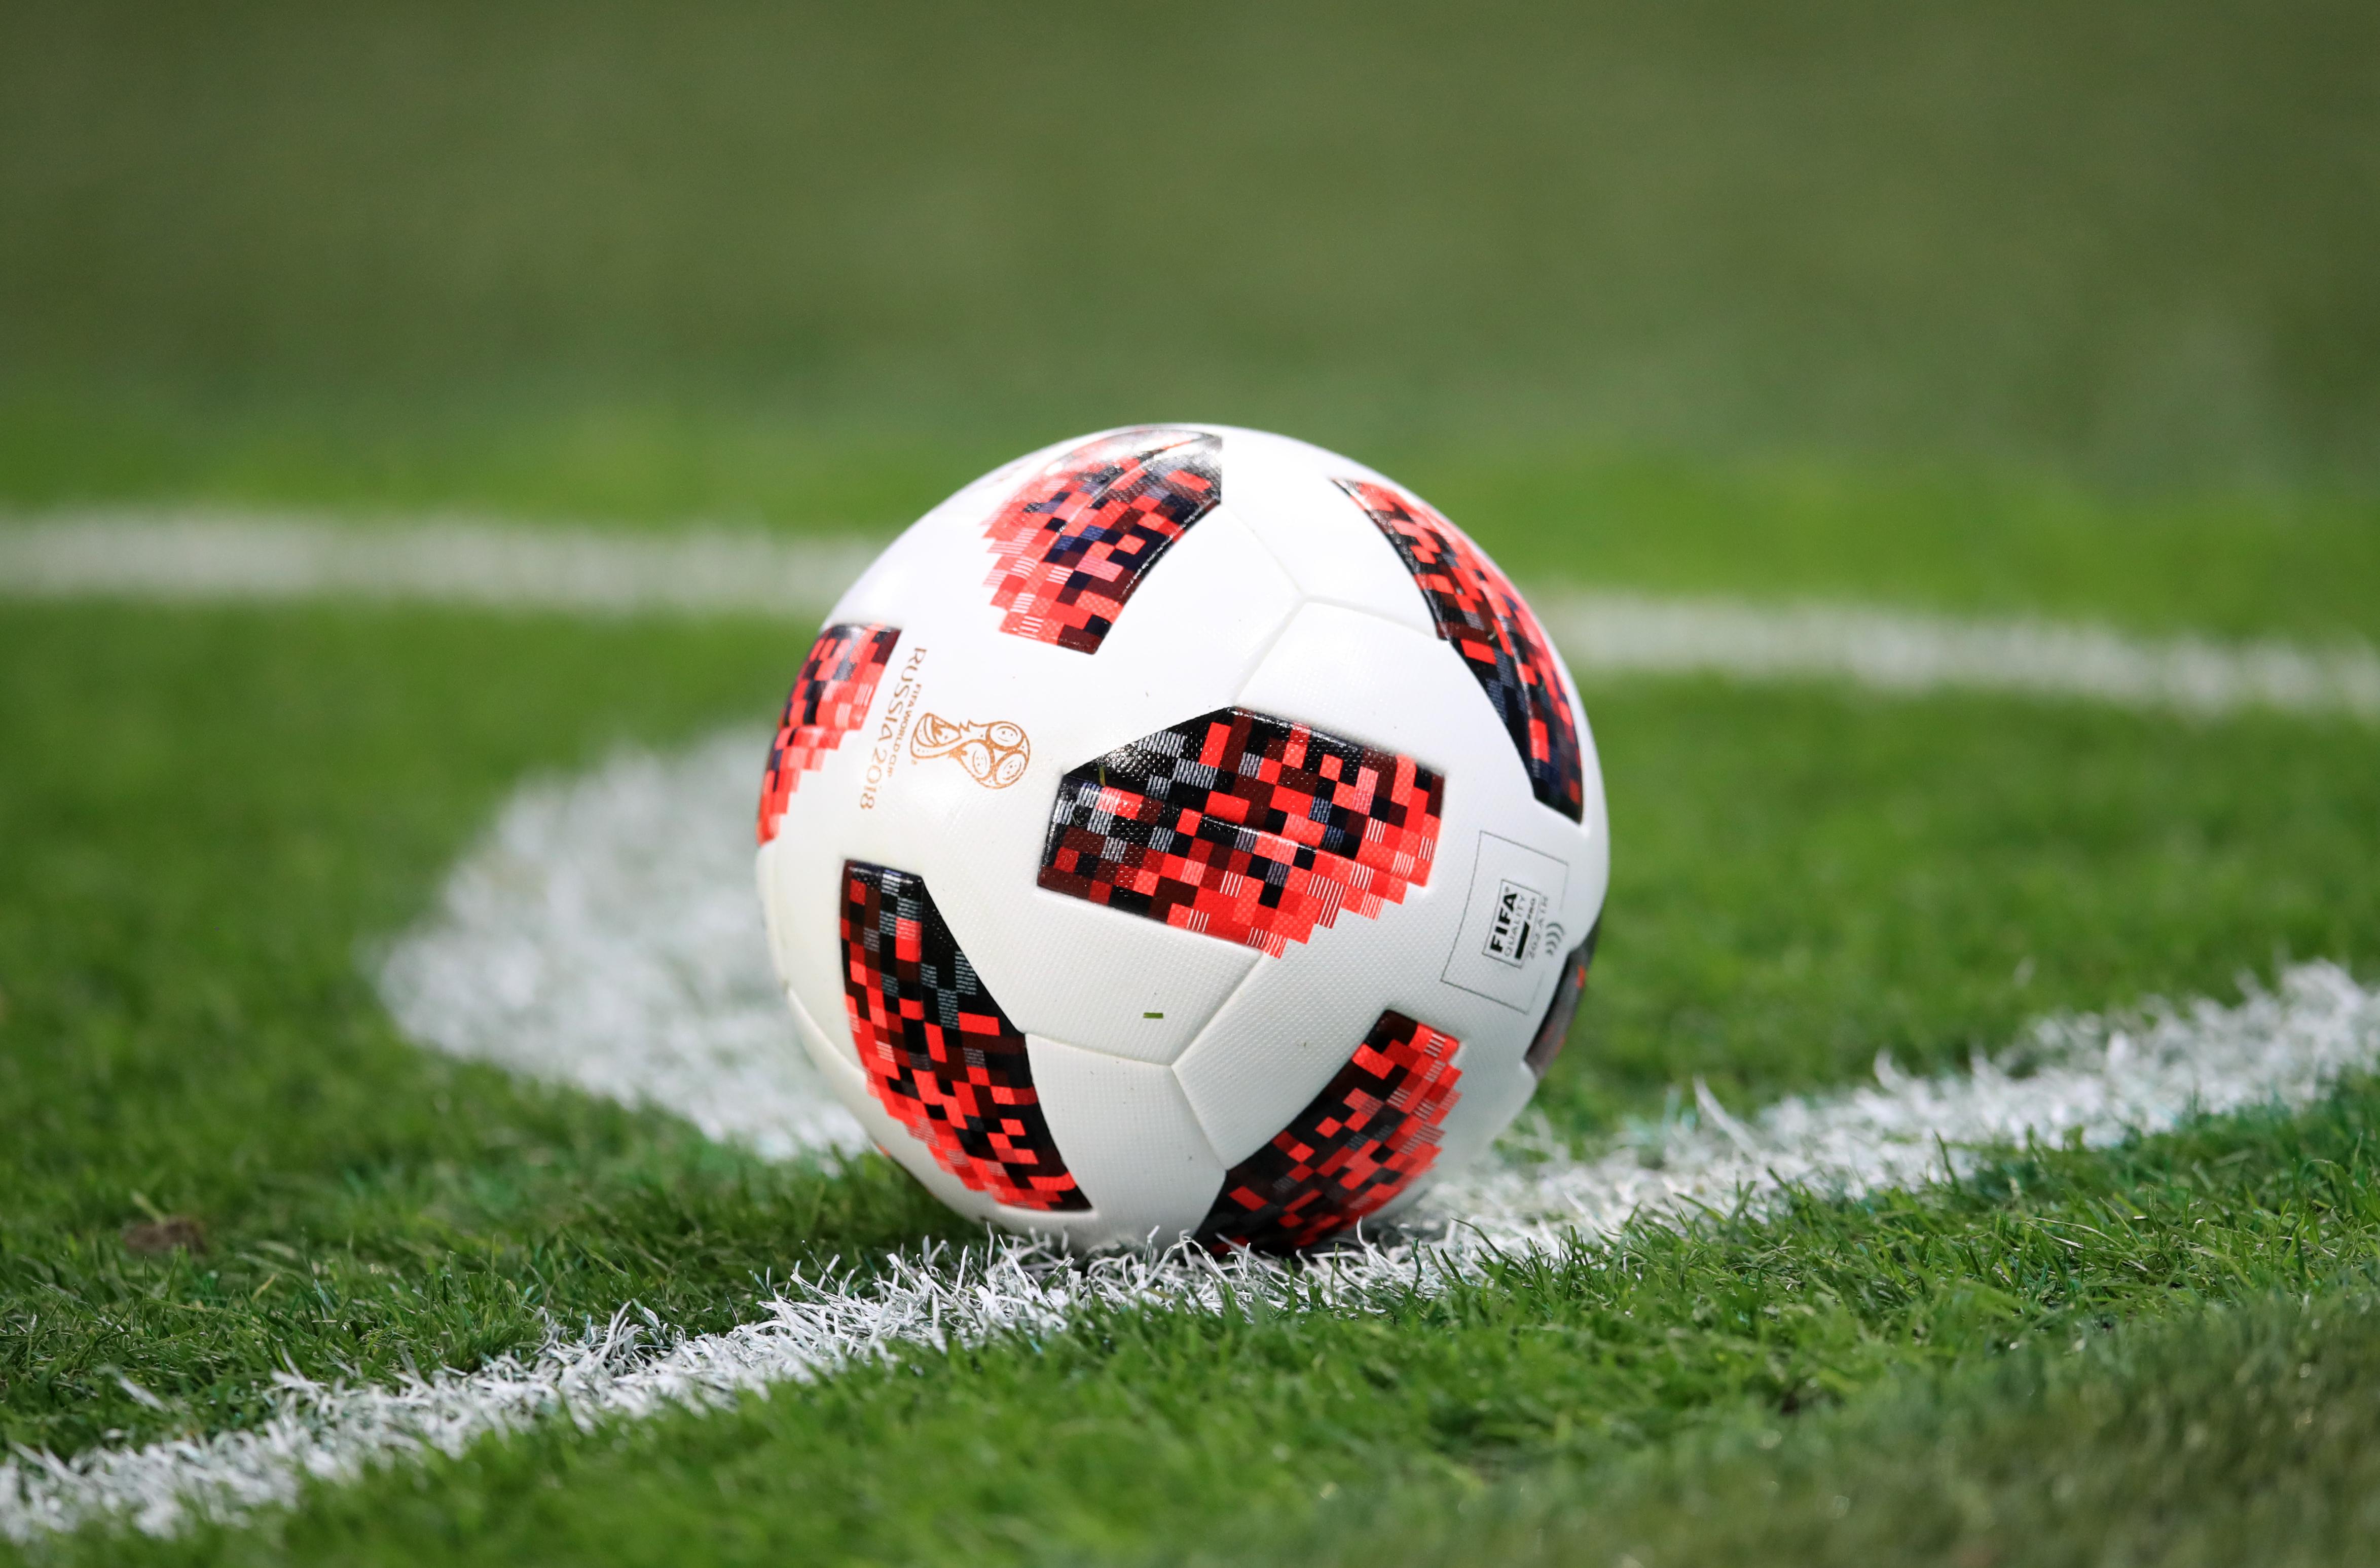 A general view of an Adidas Telstar match ball